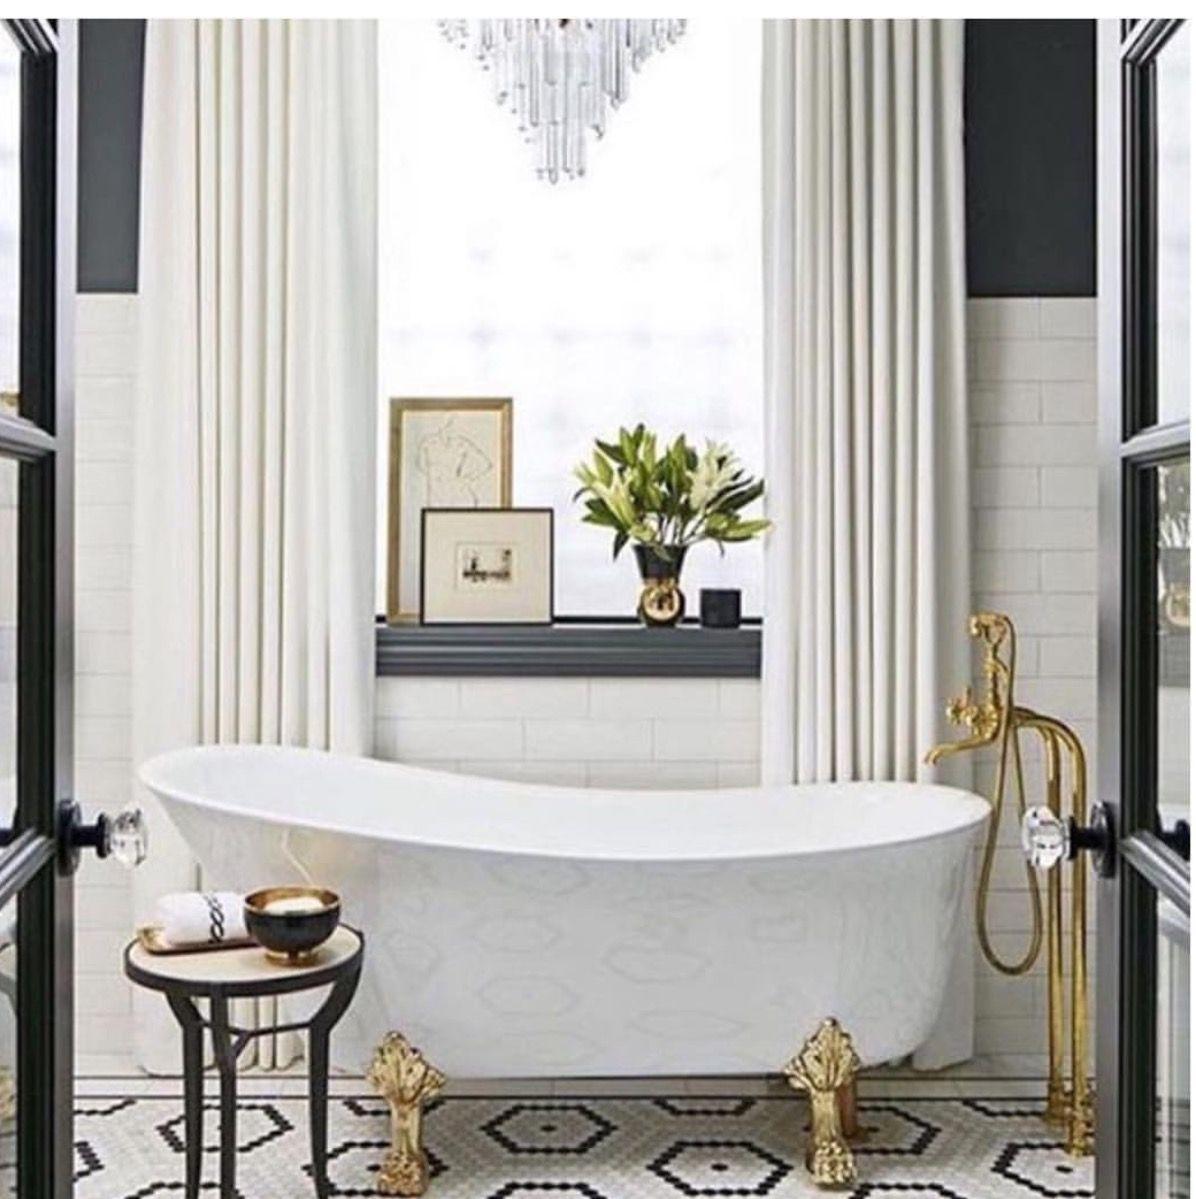 Badezimmer Bild Von Ina Bad Fliesen Designs Badezimmer Streichen Bad Inspiration